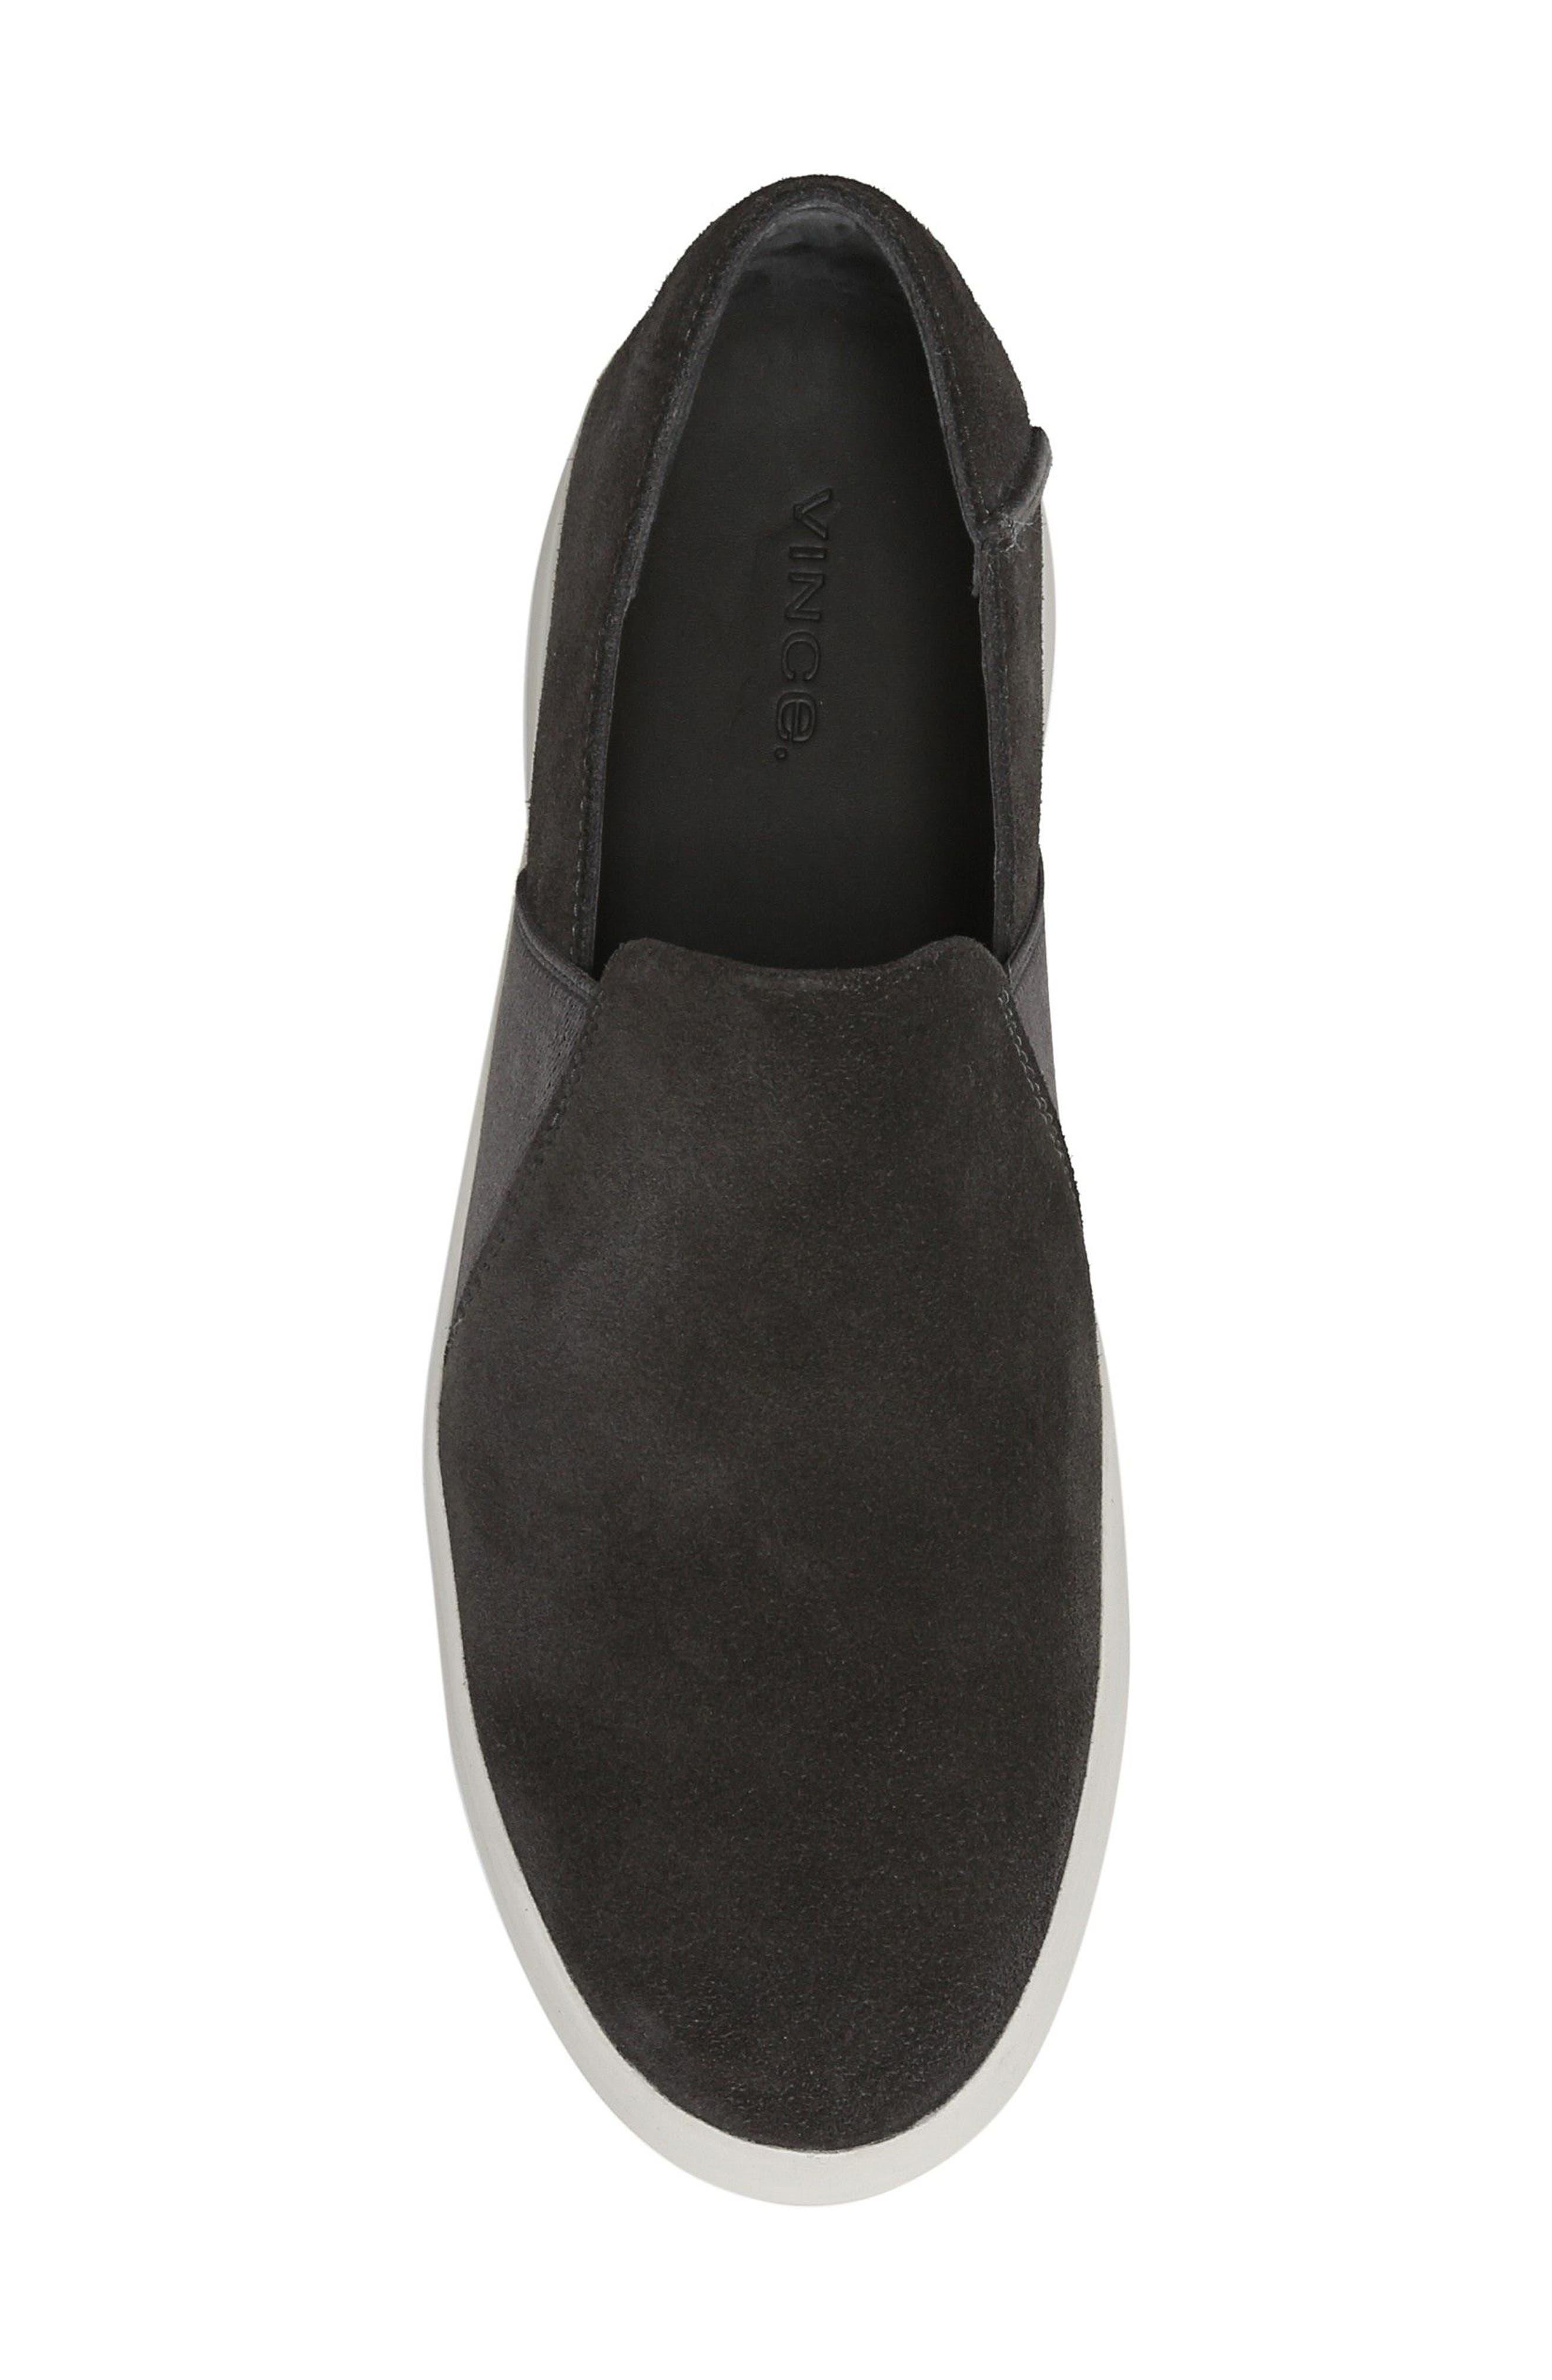 Carlin Slip-On Sneaker,                             Alternate thumbnail 5, color,                             Graphite